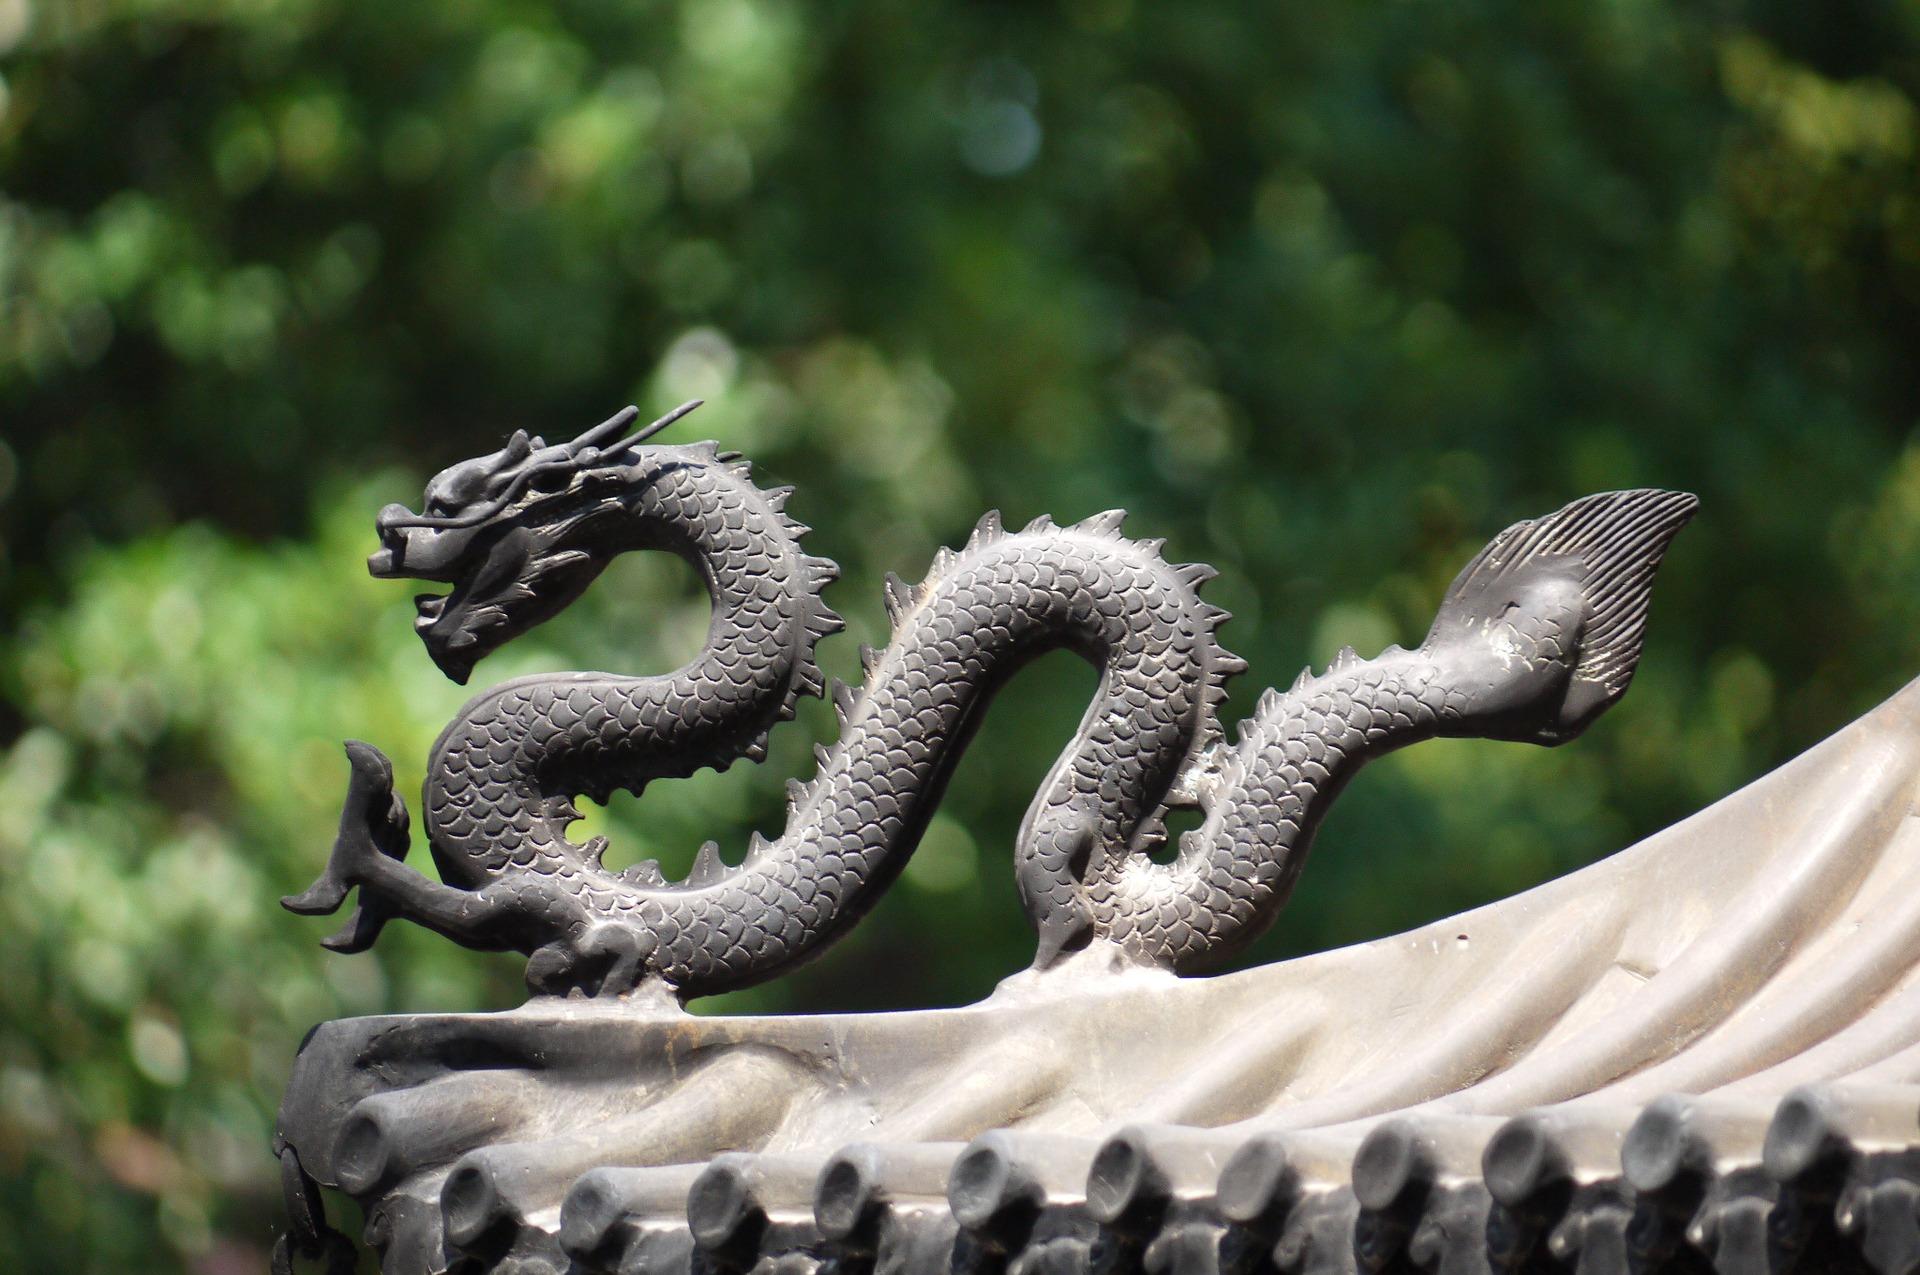 中国・大連に行った経験は初アジア訪問でした